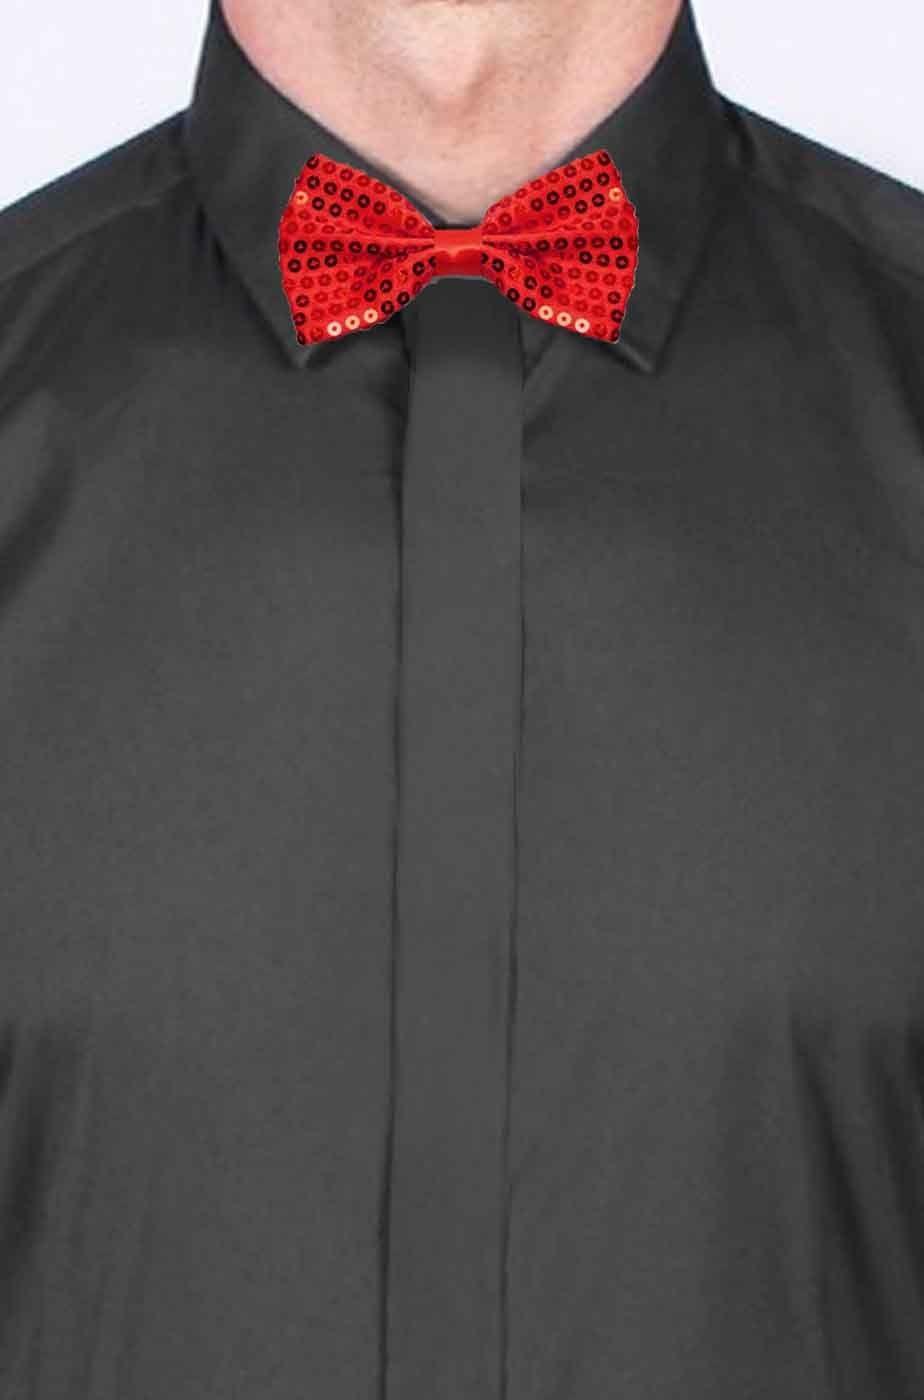 Adulto Bretelle con paillettes colore rosso ~